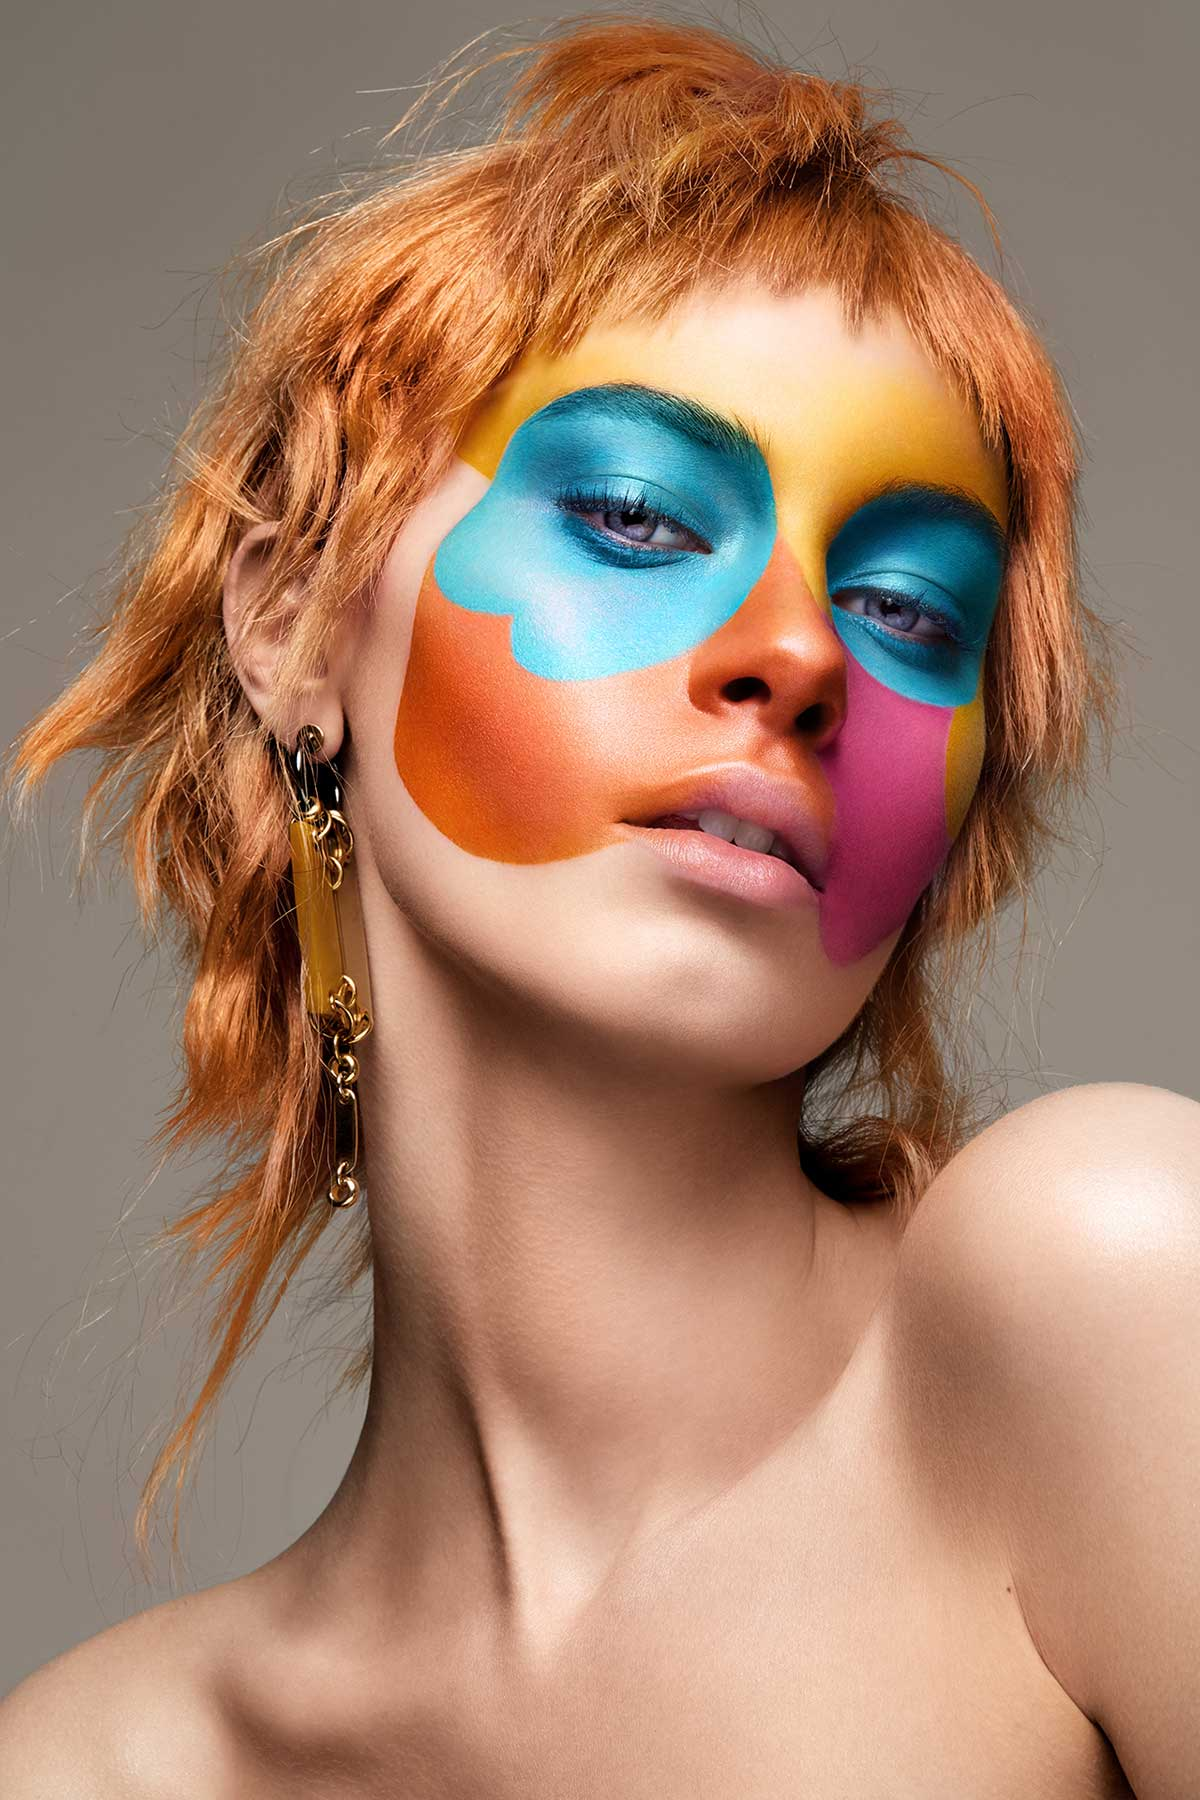 Retraro de mujer con maquillaje de la artista Per Florian Appelgren.